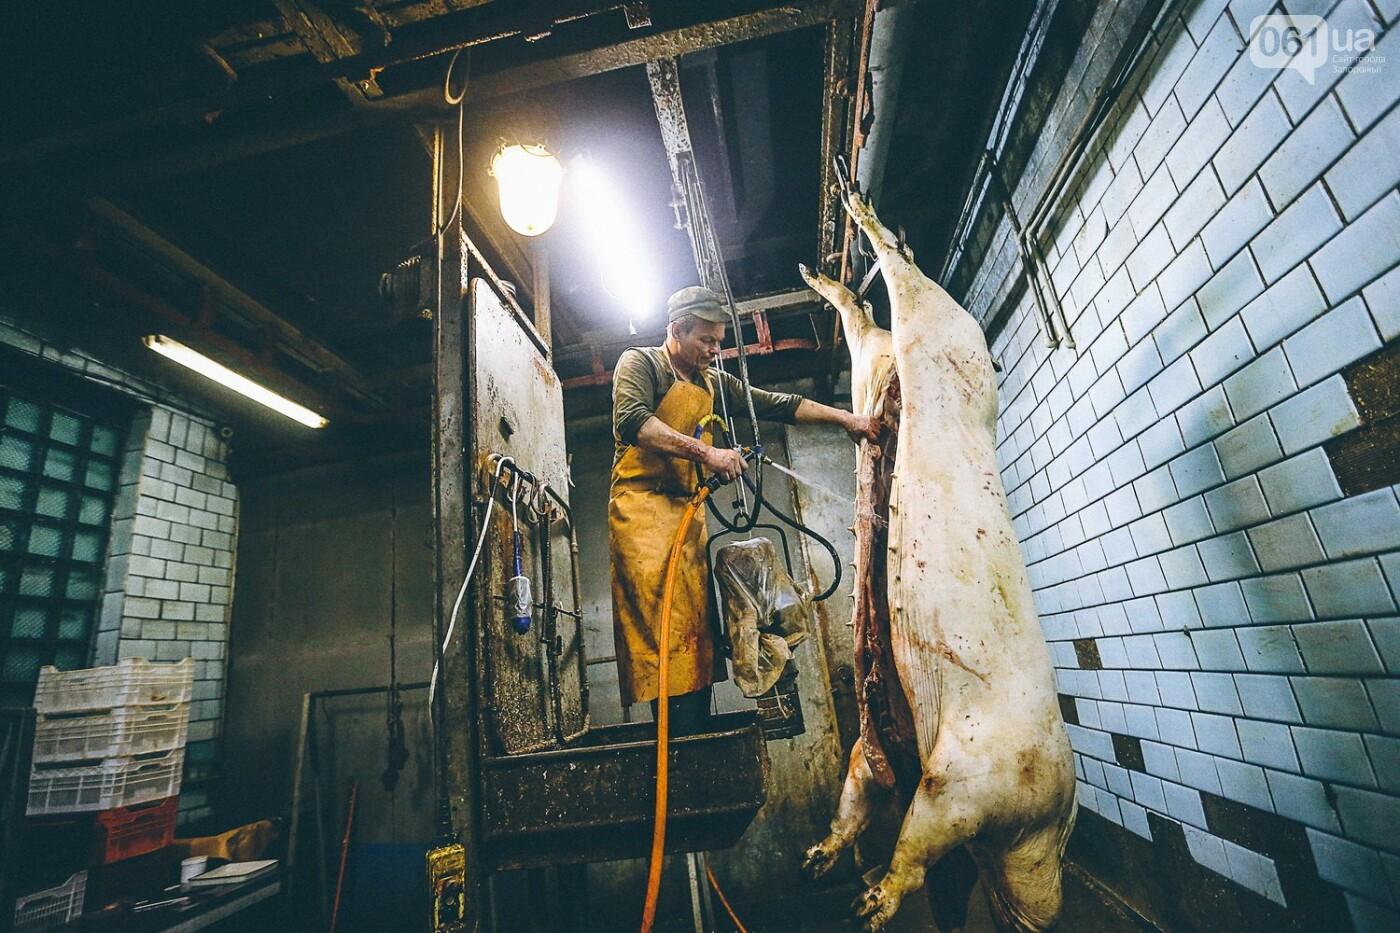 Забой скота в Украине приходит к европейским стандартам - ФОТОРЕПОРТАЖ 18+, фото-14